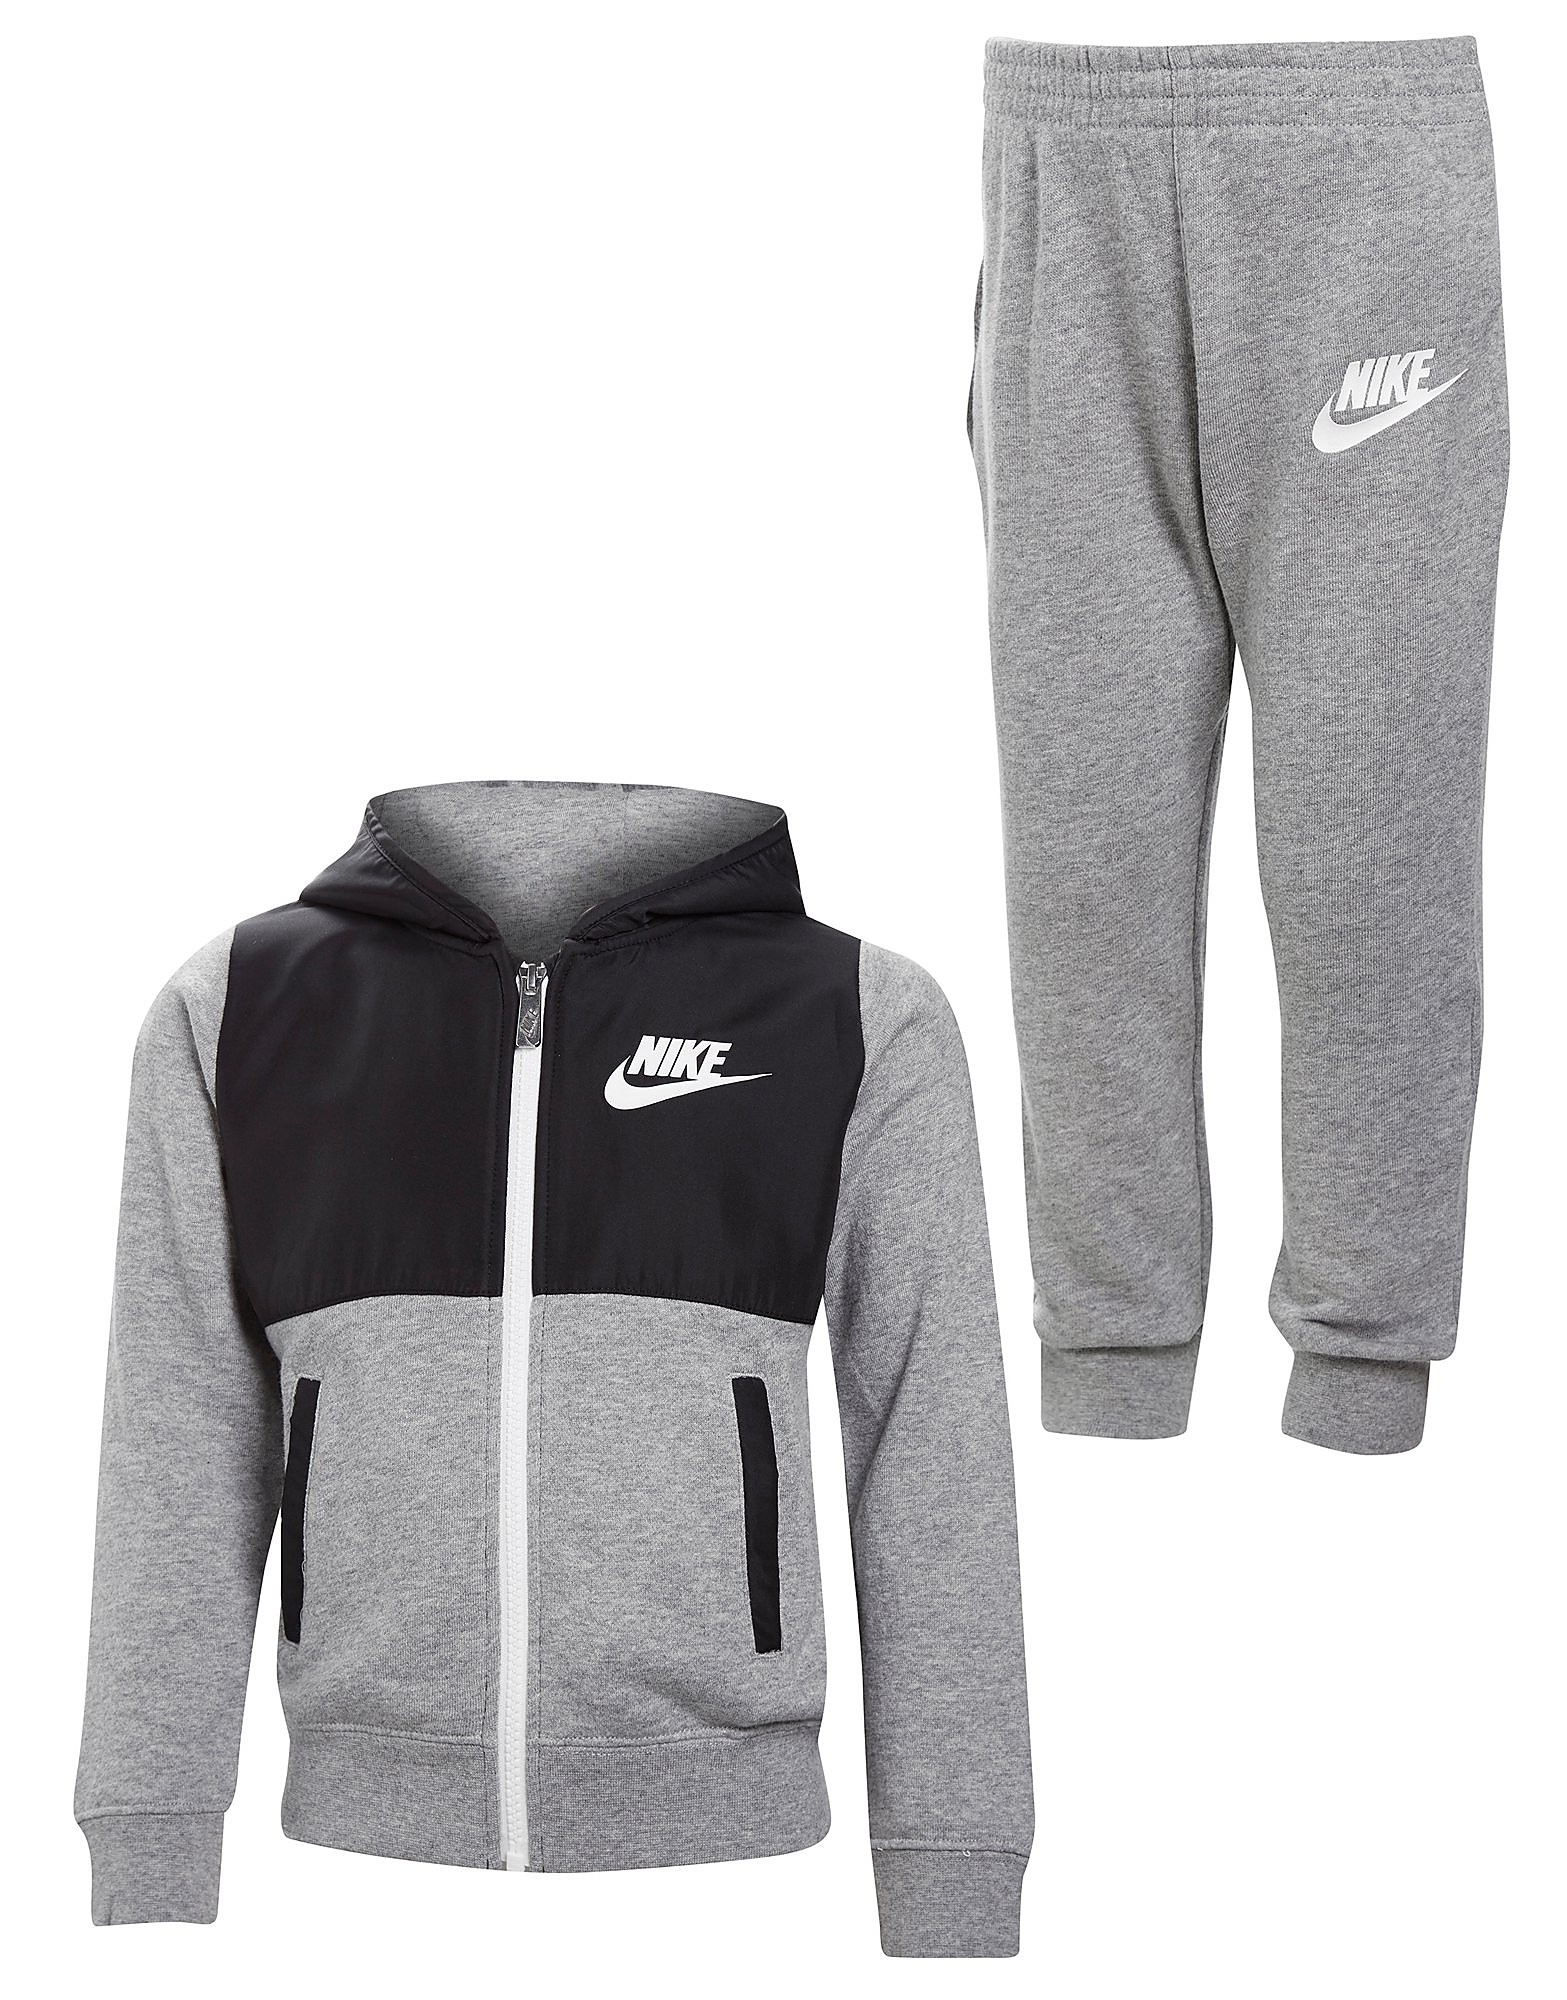 Nike Hybrid Trainingsanzug Kinder